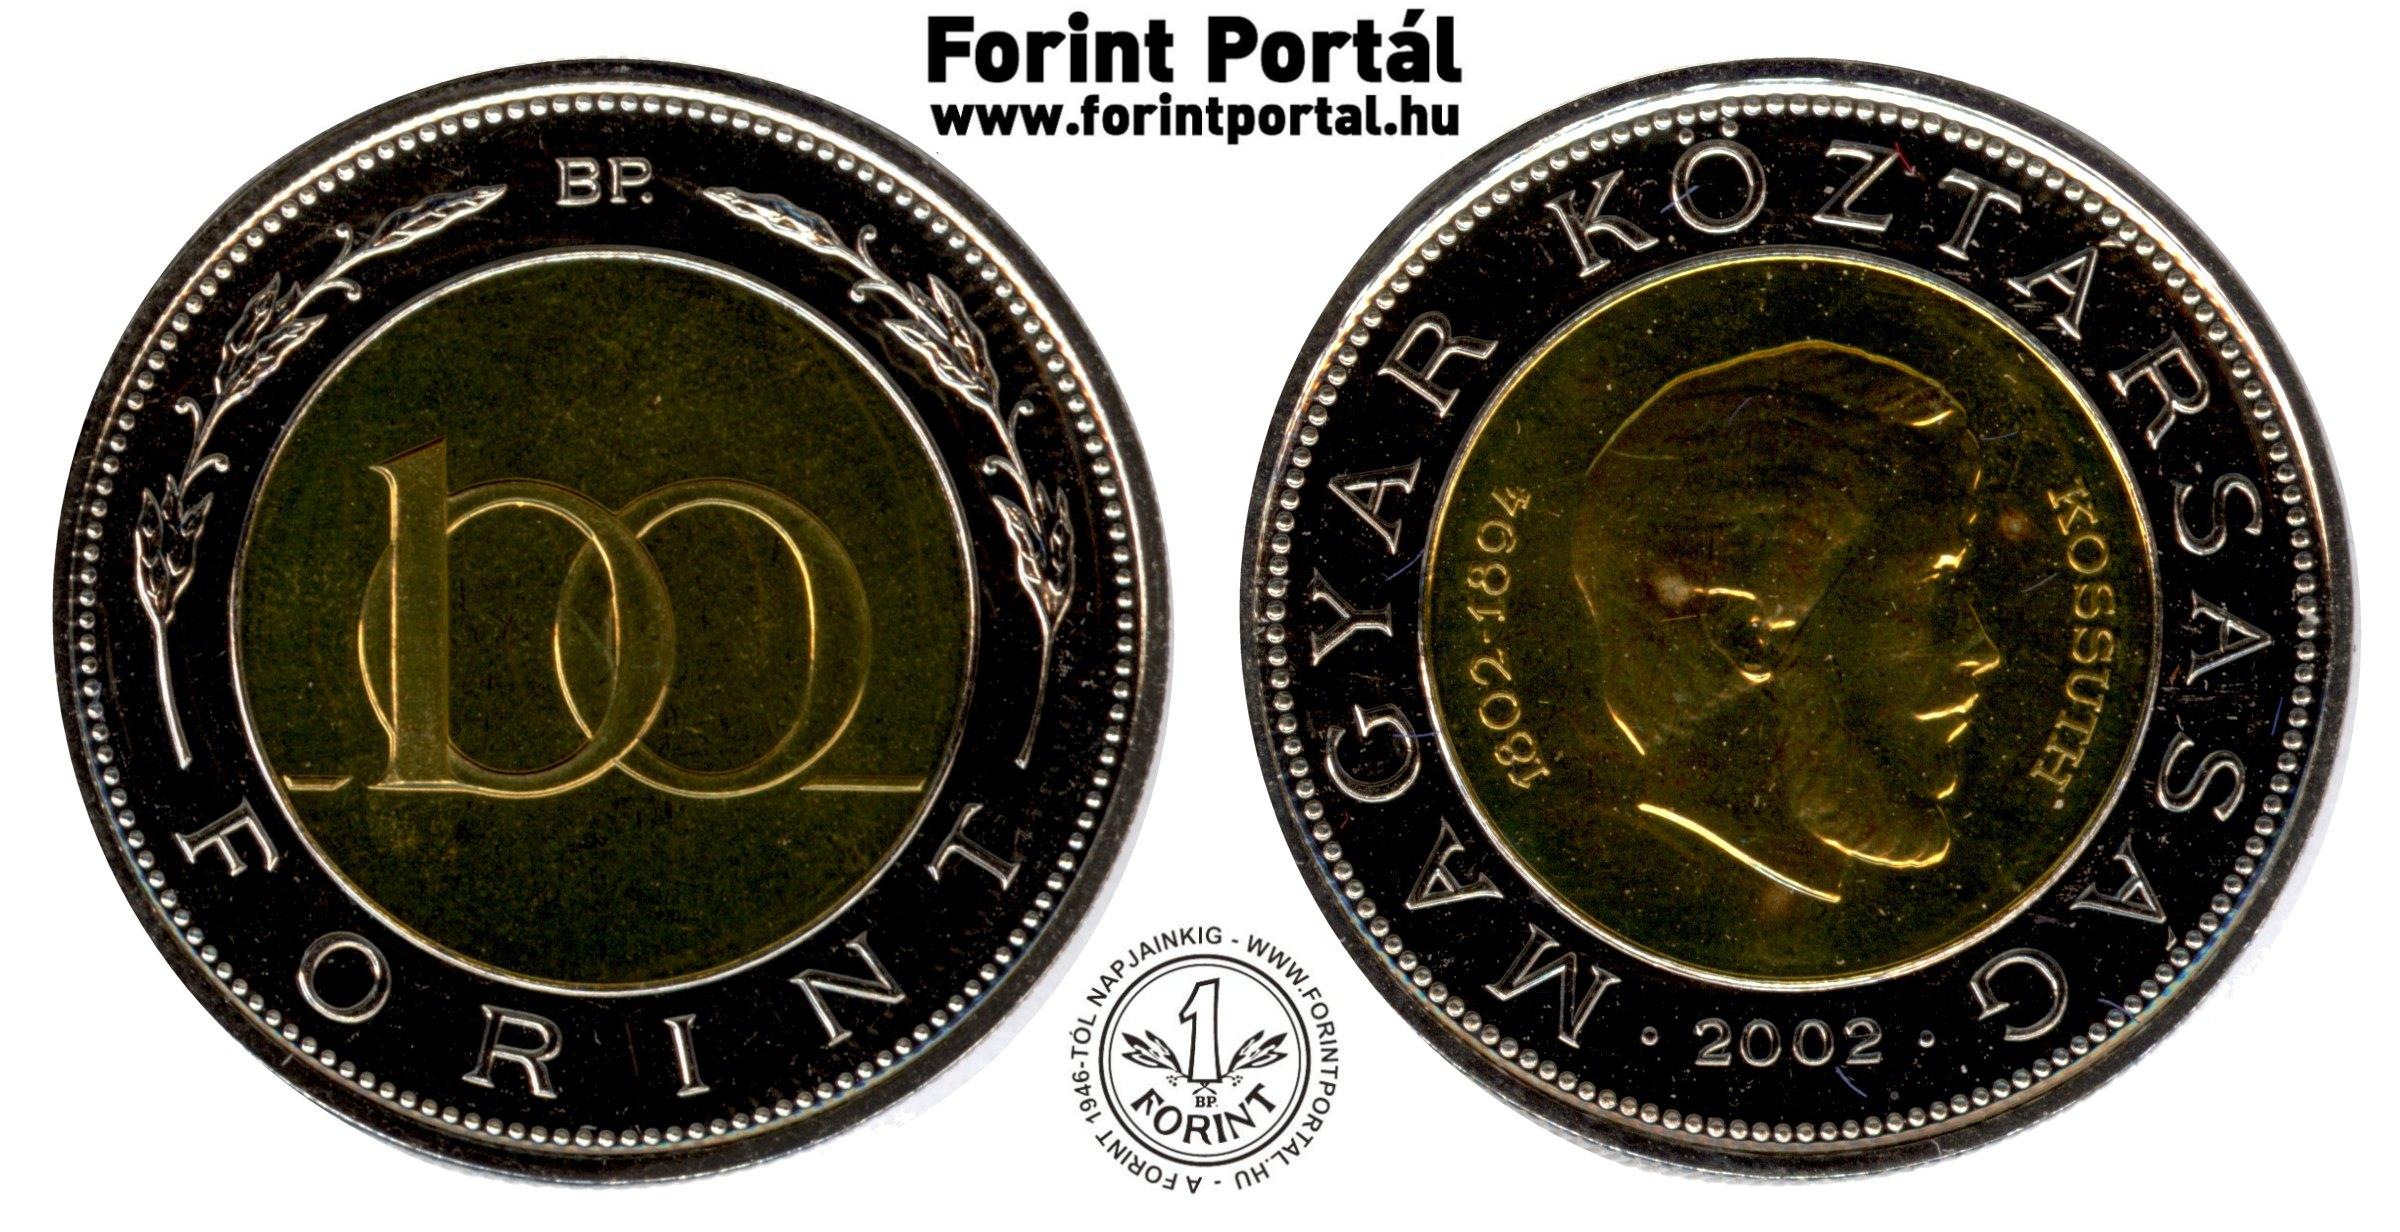 http://www.forintportal.hu/ritkasagkatalogus/100_forint/www_forintportal_hu_2002_100forint_kossuth_emlekerme_bu.jpg